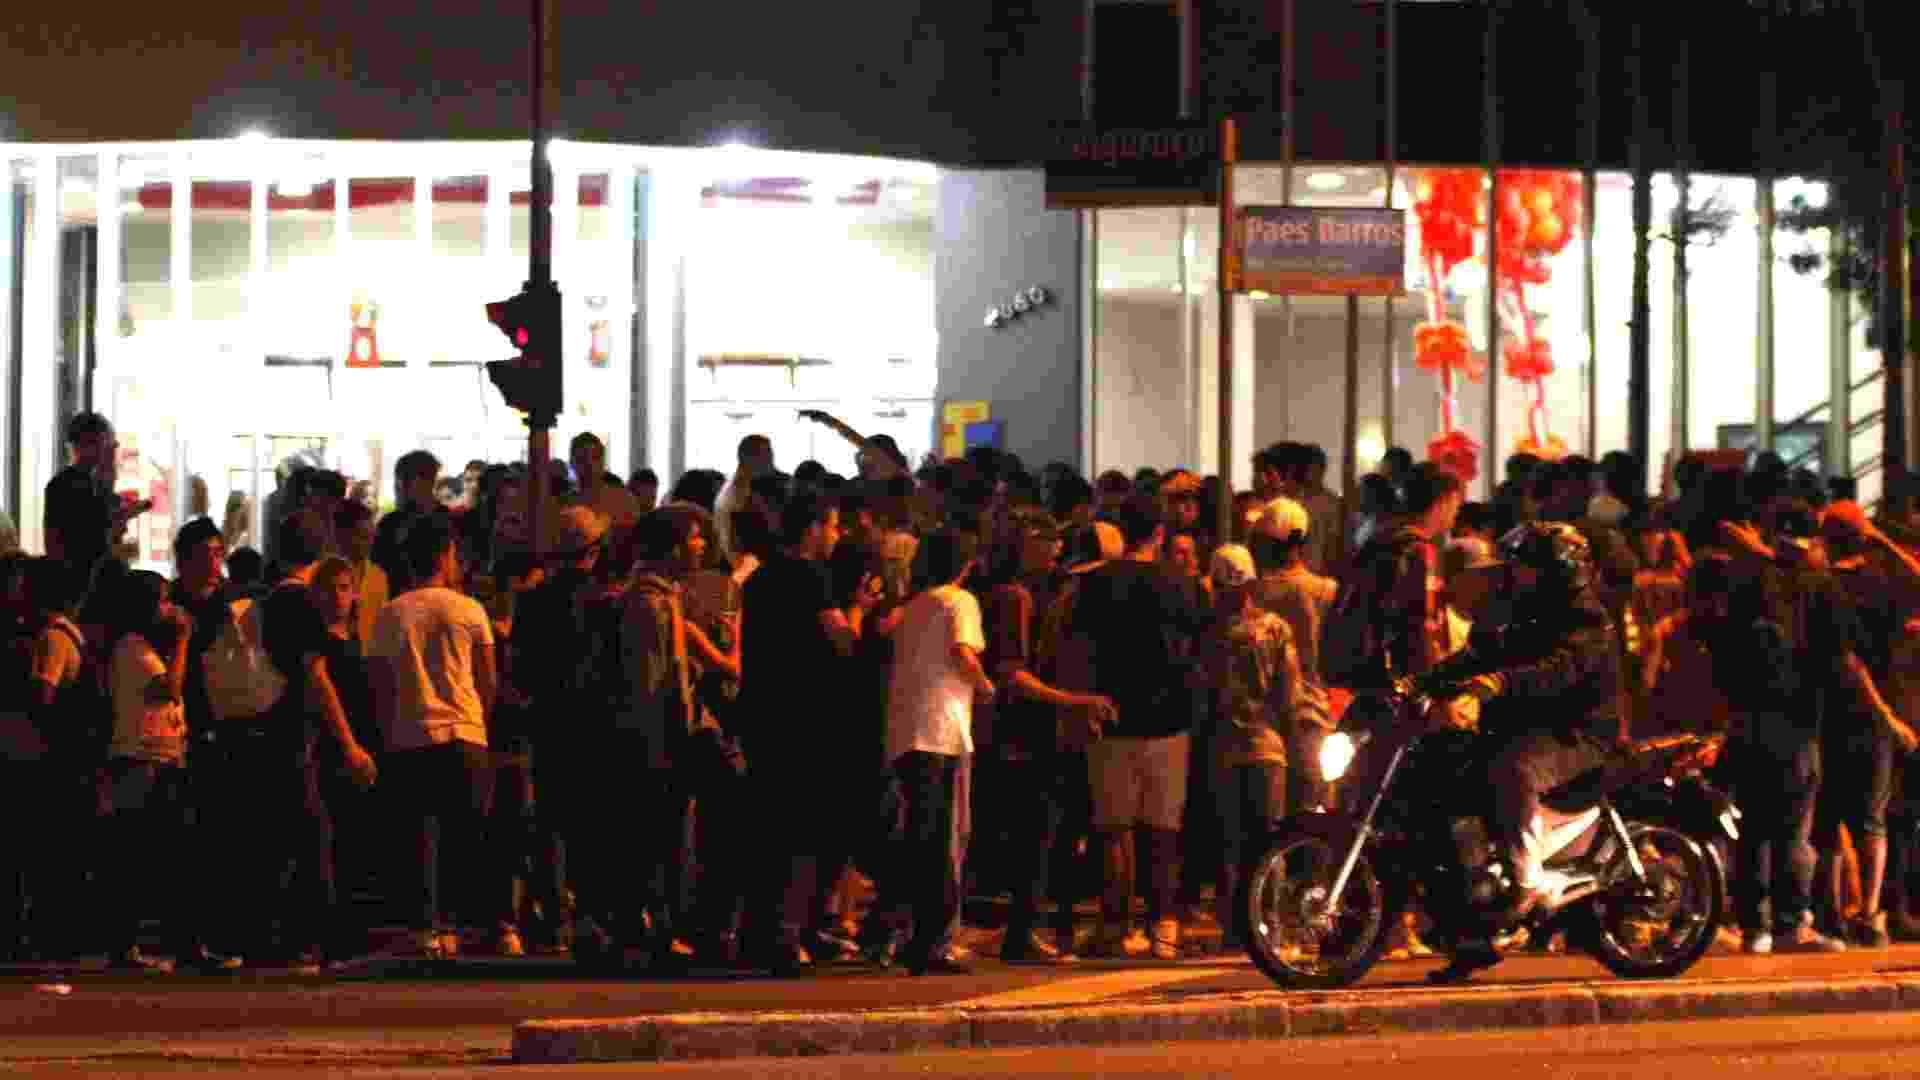 4.ago.2012 - Cerca de 1.000 jovens fecharam na madrugada deste sábado (4) a praça Visconde de Souza Fontes, na Mooca, em São Paulo (SP), para a realização de uma festa no local - Ale Vianna/Brazil Photo Press